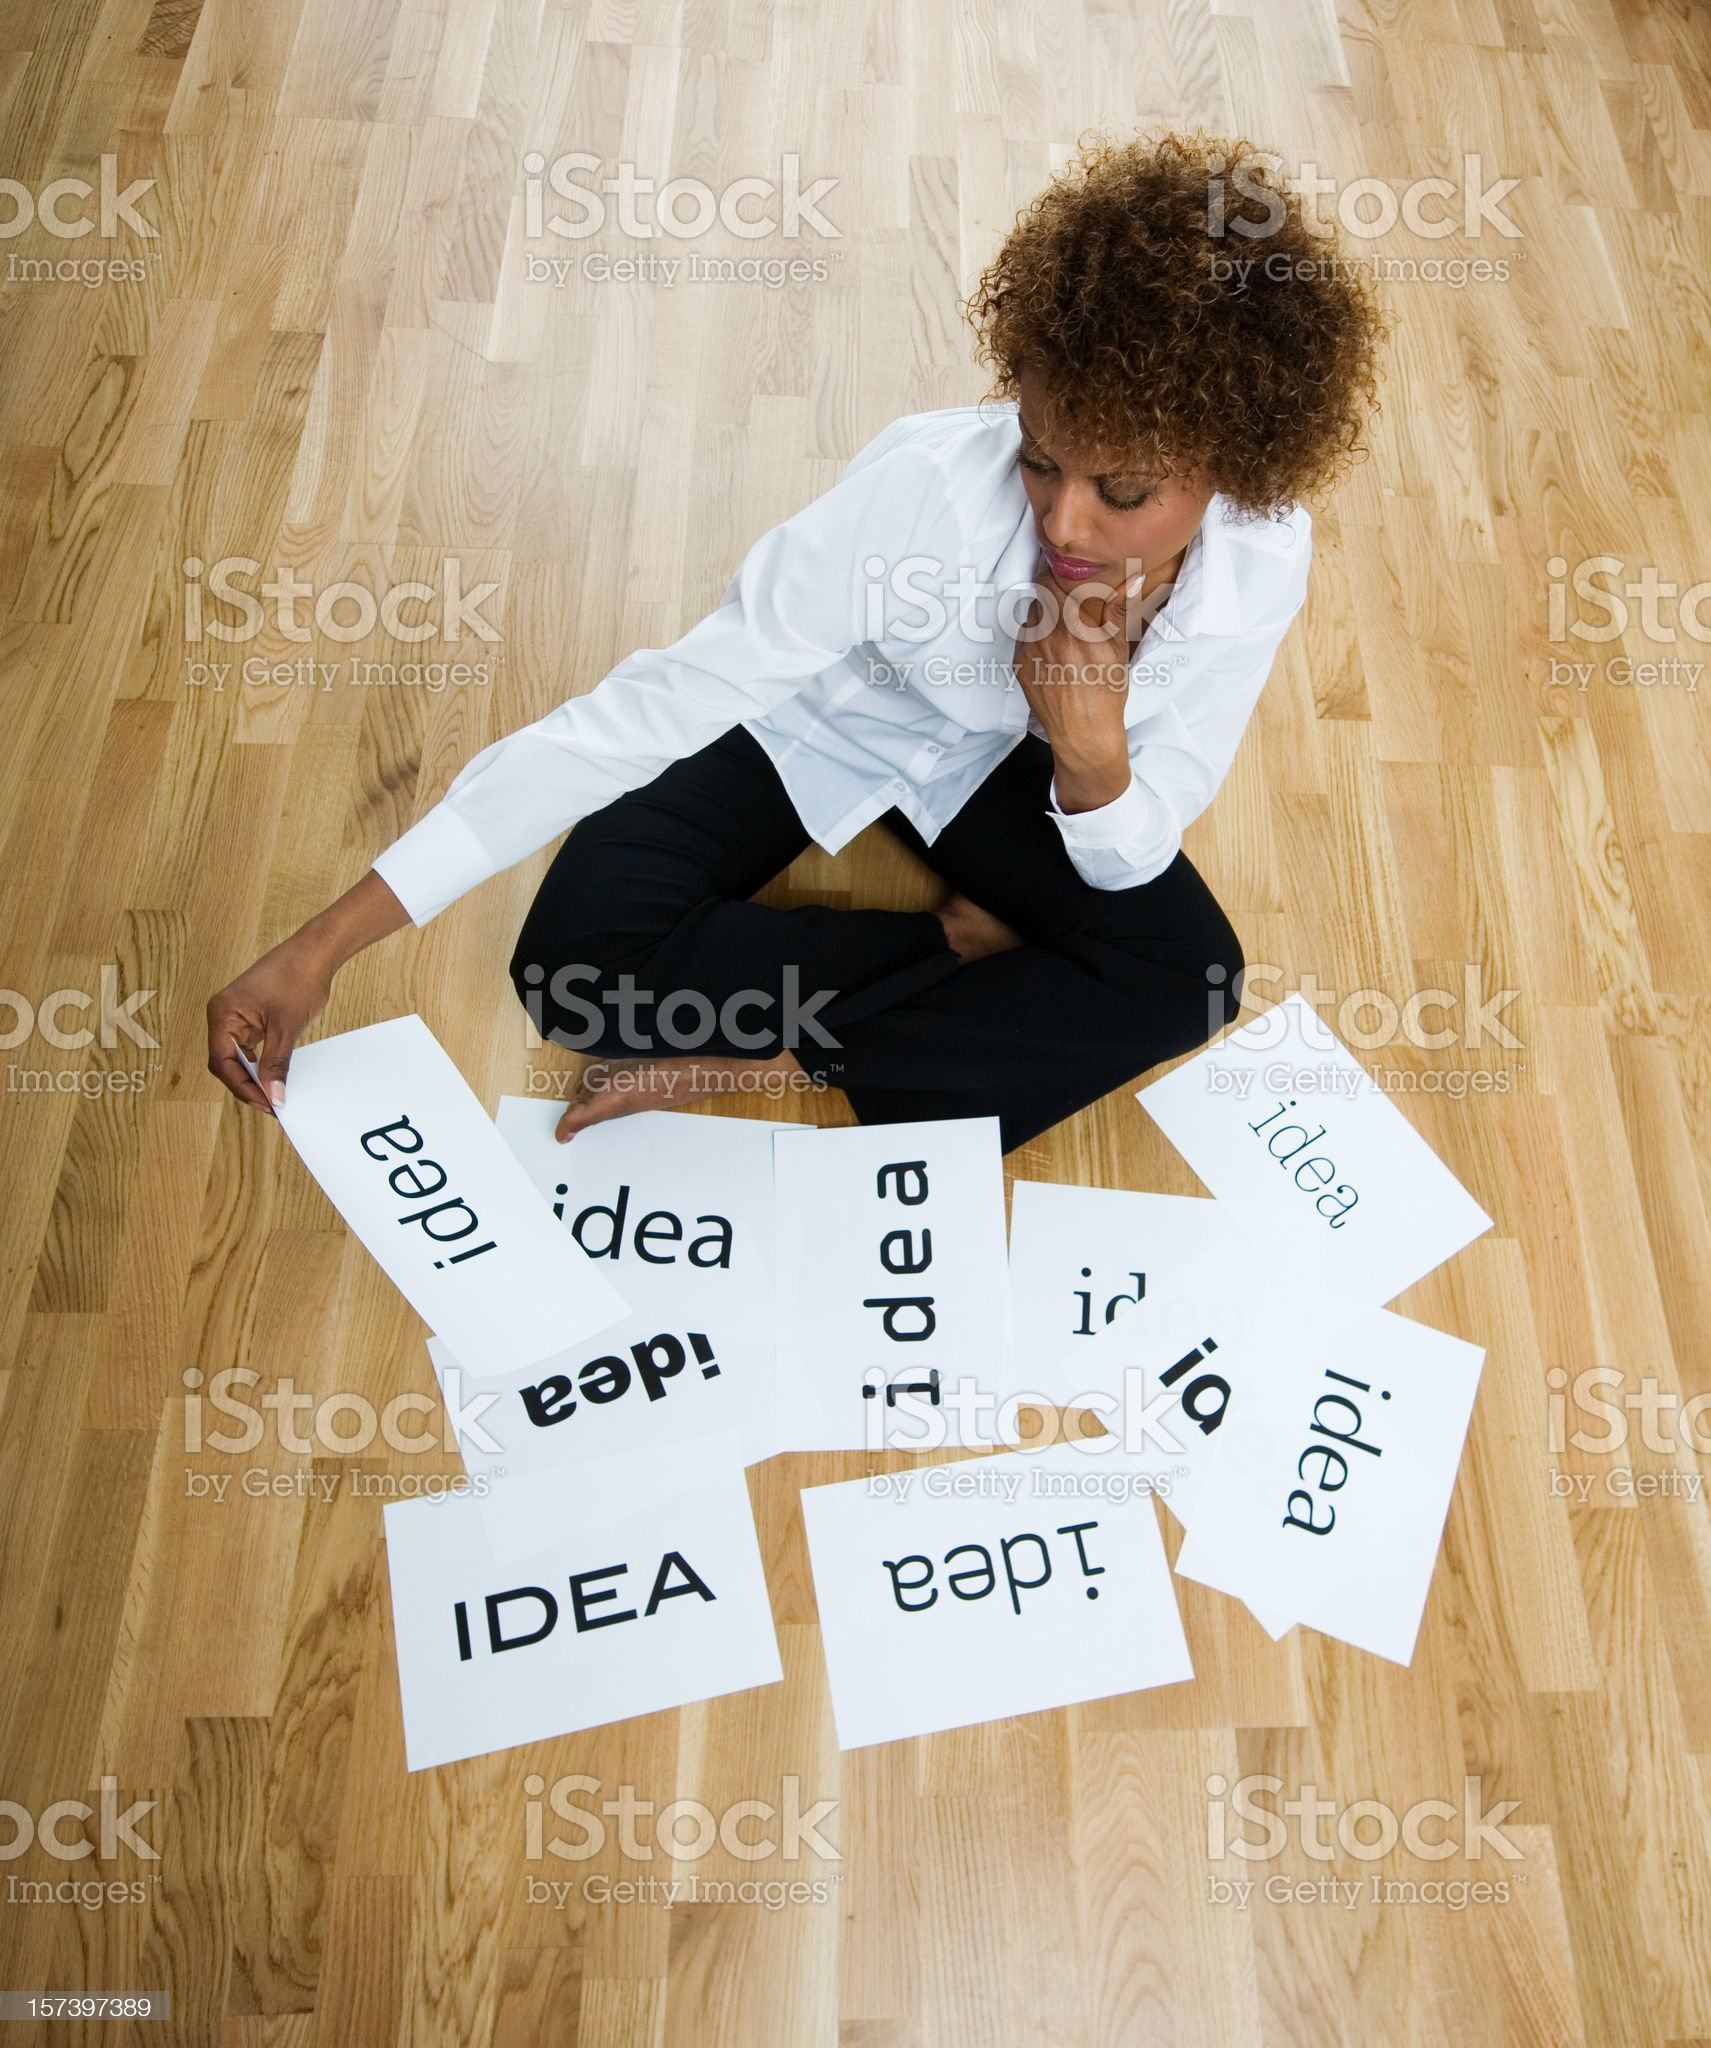 Creativity and ideas royalty-free stock photo